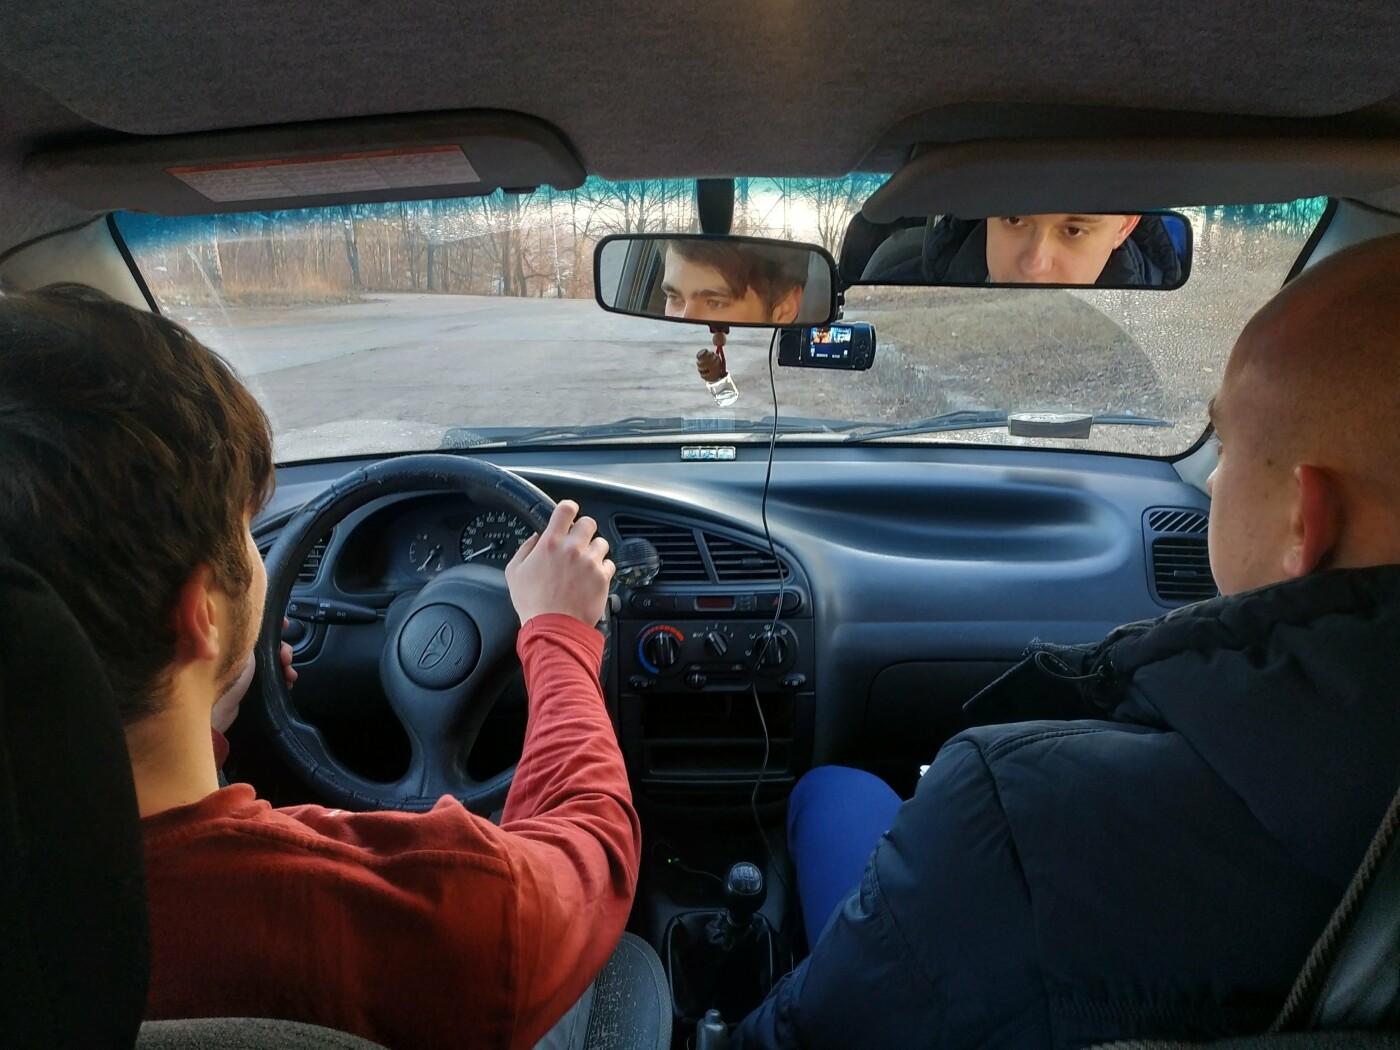 Складання іспиту на право керування транспортними засобами буде фіксуватися за допомогою відеореєстратора, фото-1